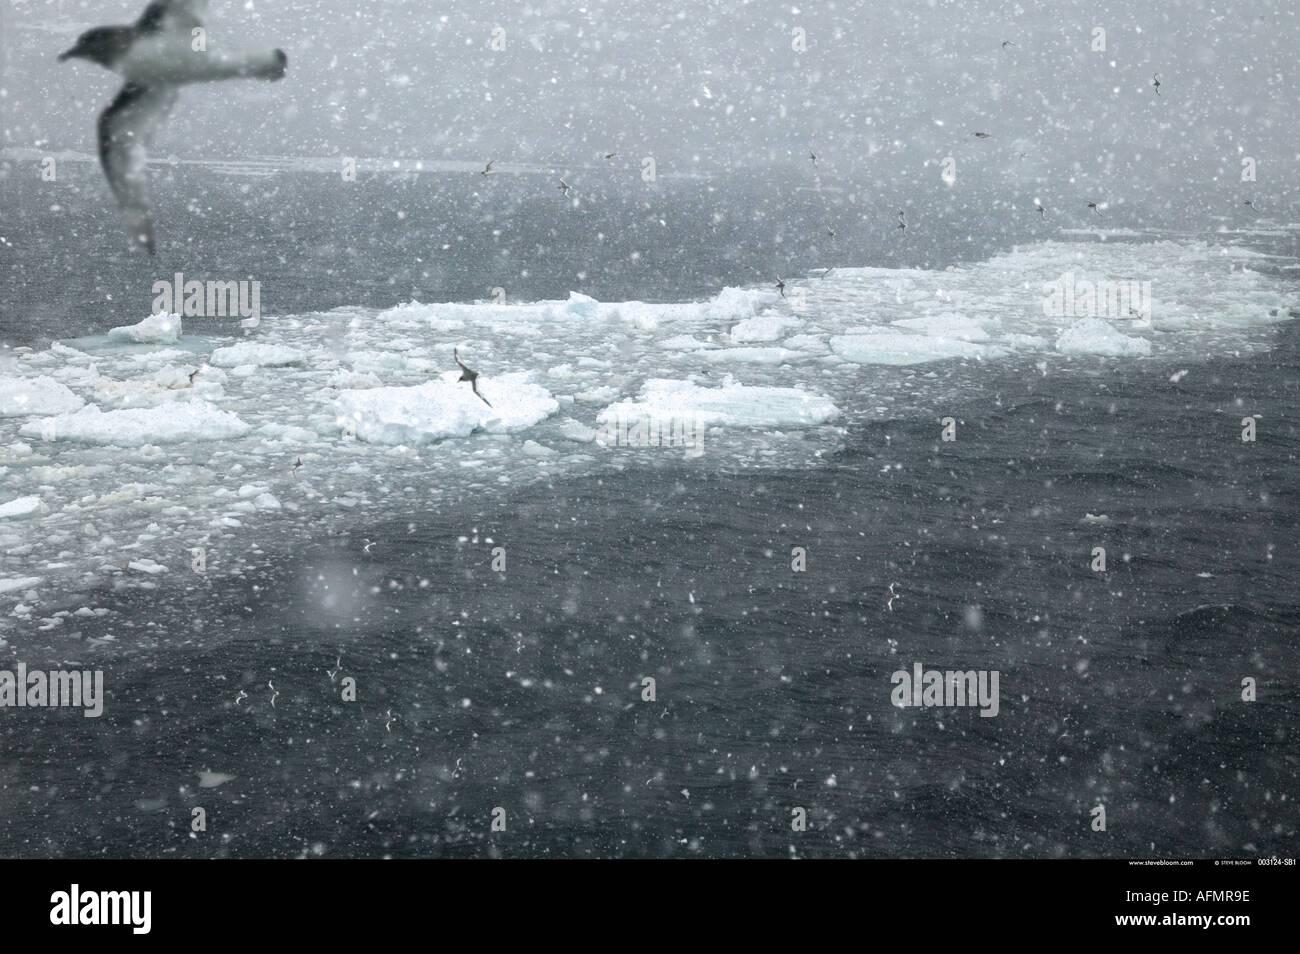 Procellarie antartiche battenti in un blizzard Antartide Immagini Stock